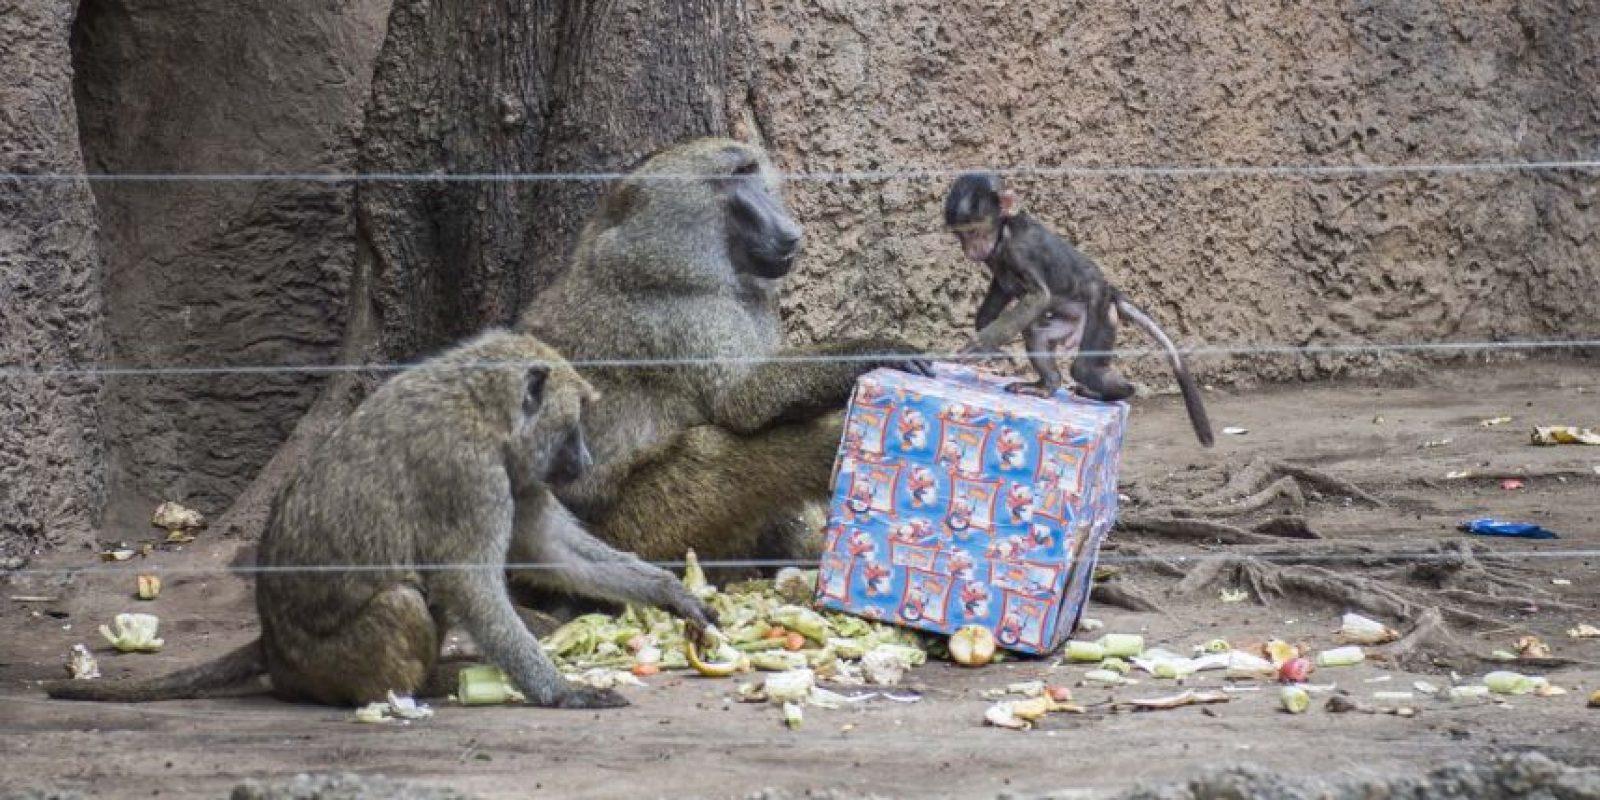 Los regalos para los monos. Foto:Oliver de Ros